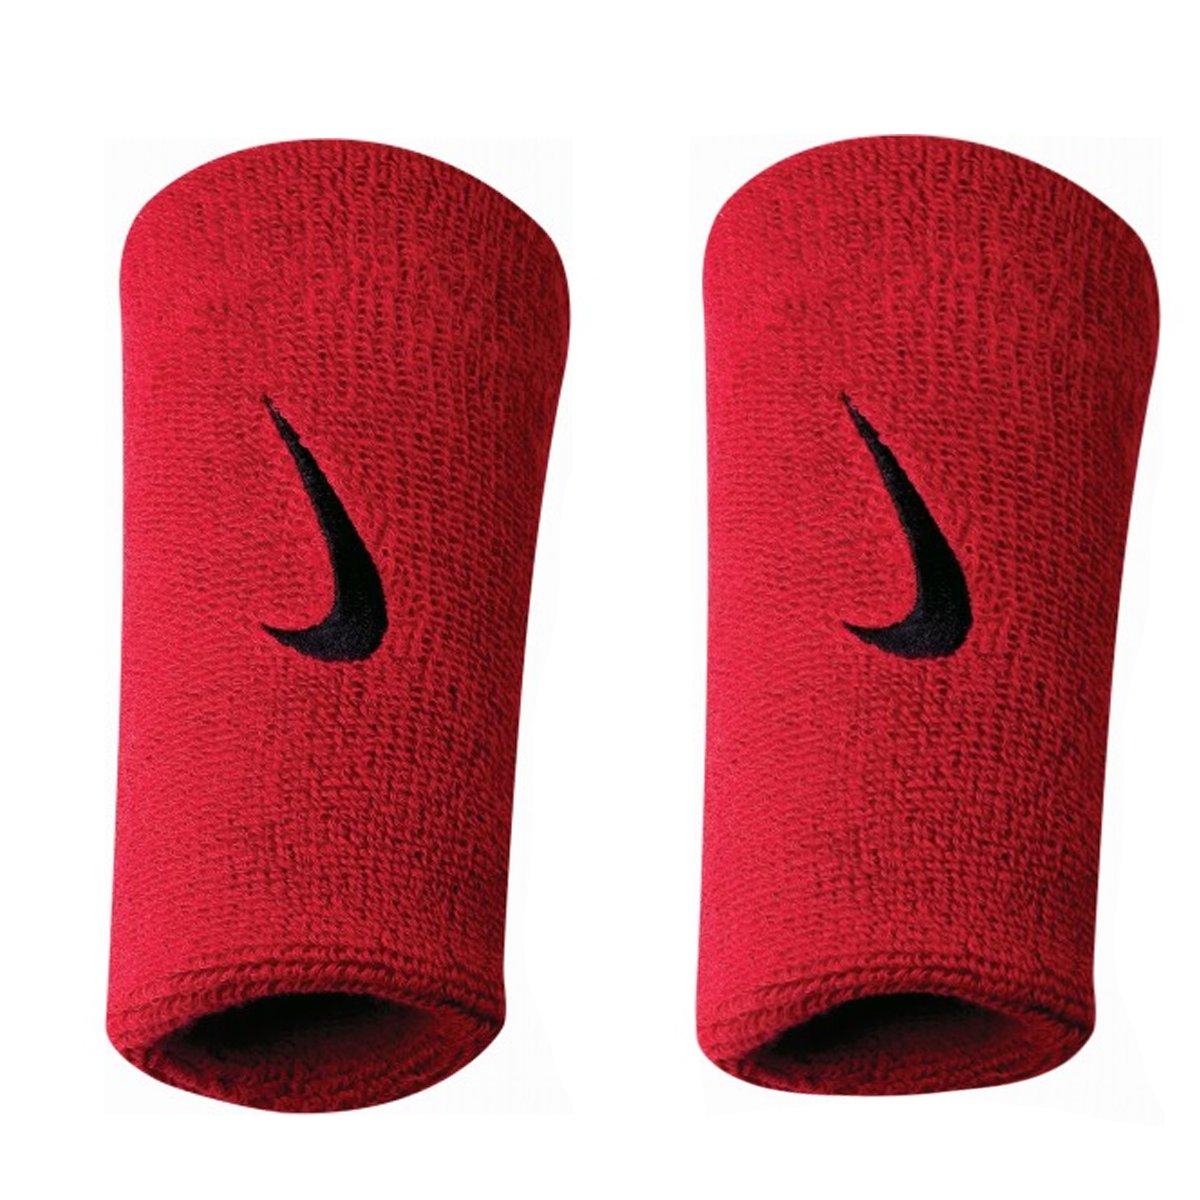 Munhequeira Nike Double Vermelha e Preto